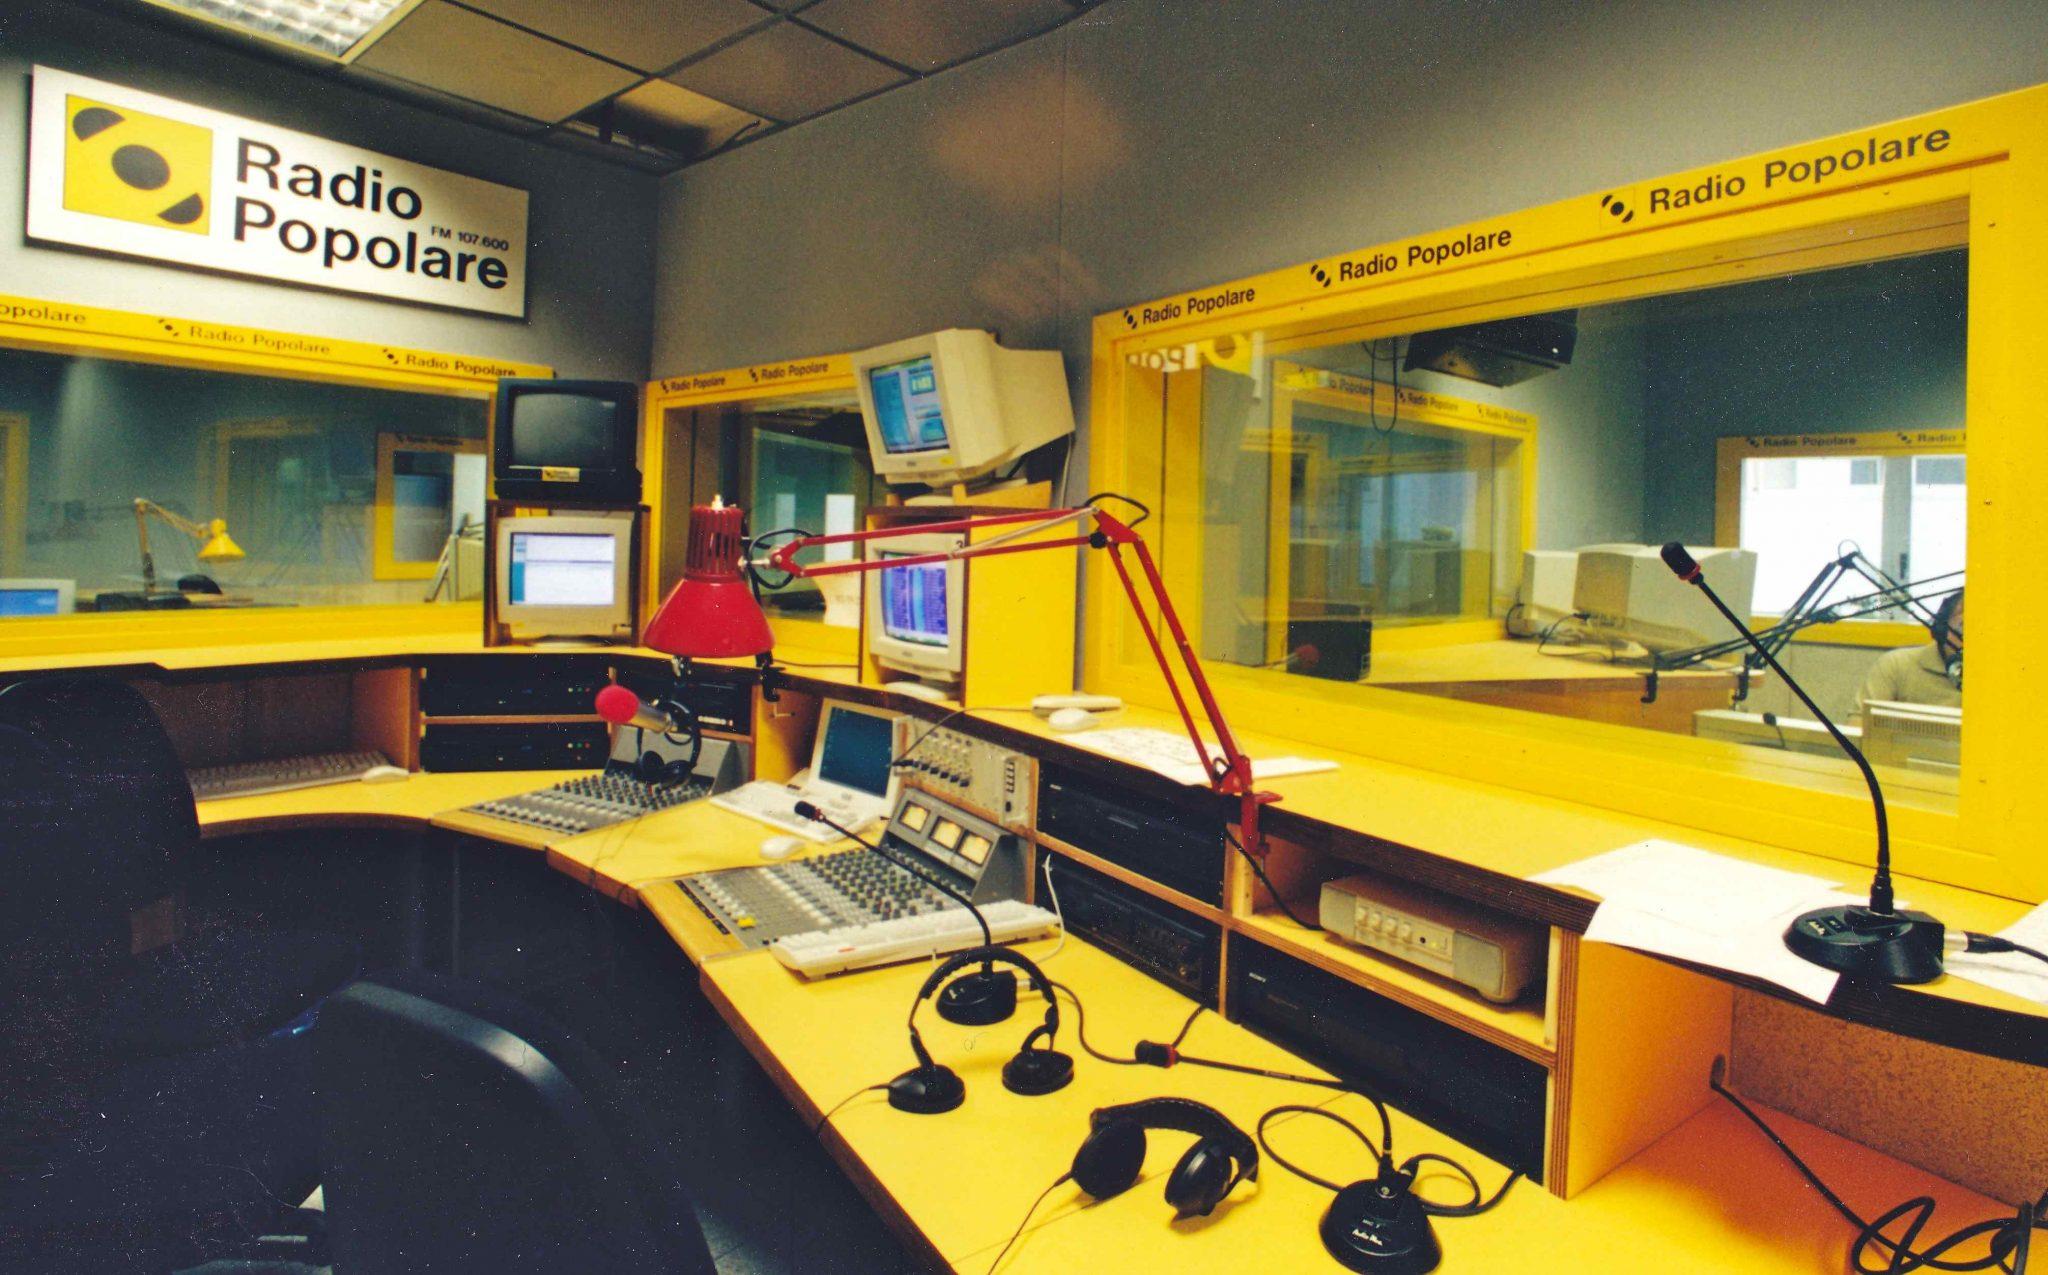 Lo studio di Radio Popolare, deserto a causa di uno sciopero dei collaboratori.